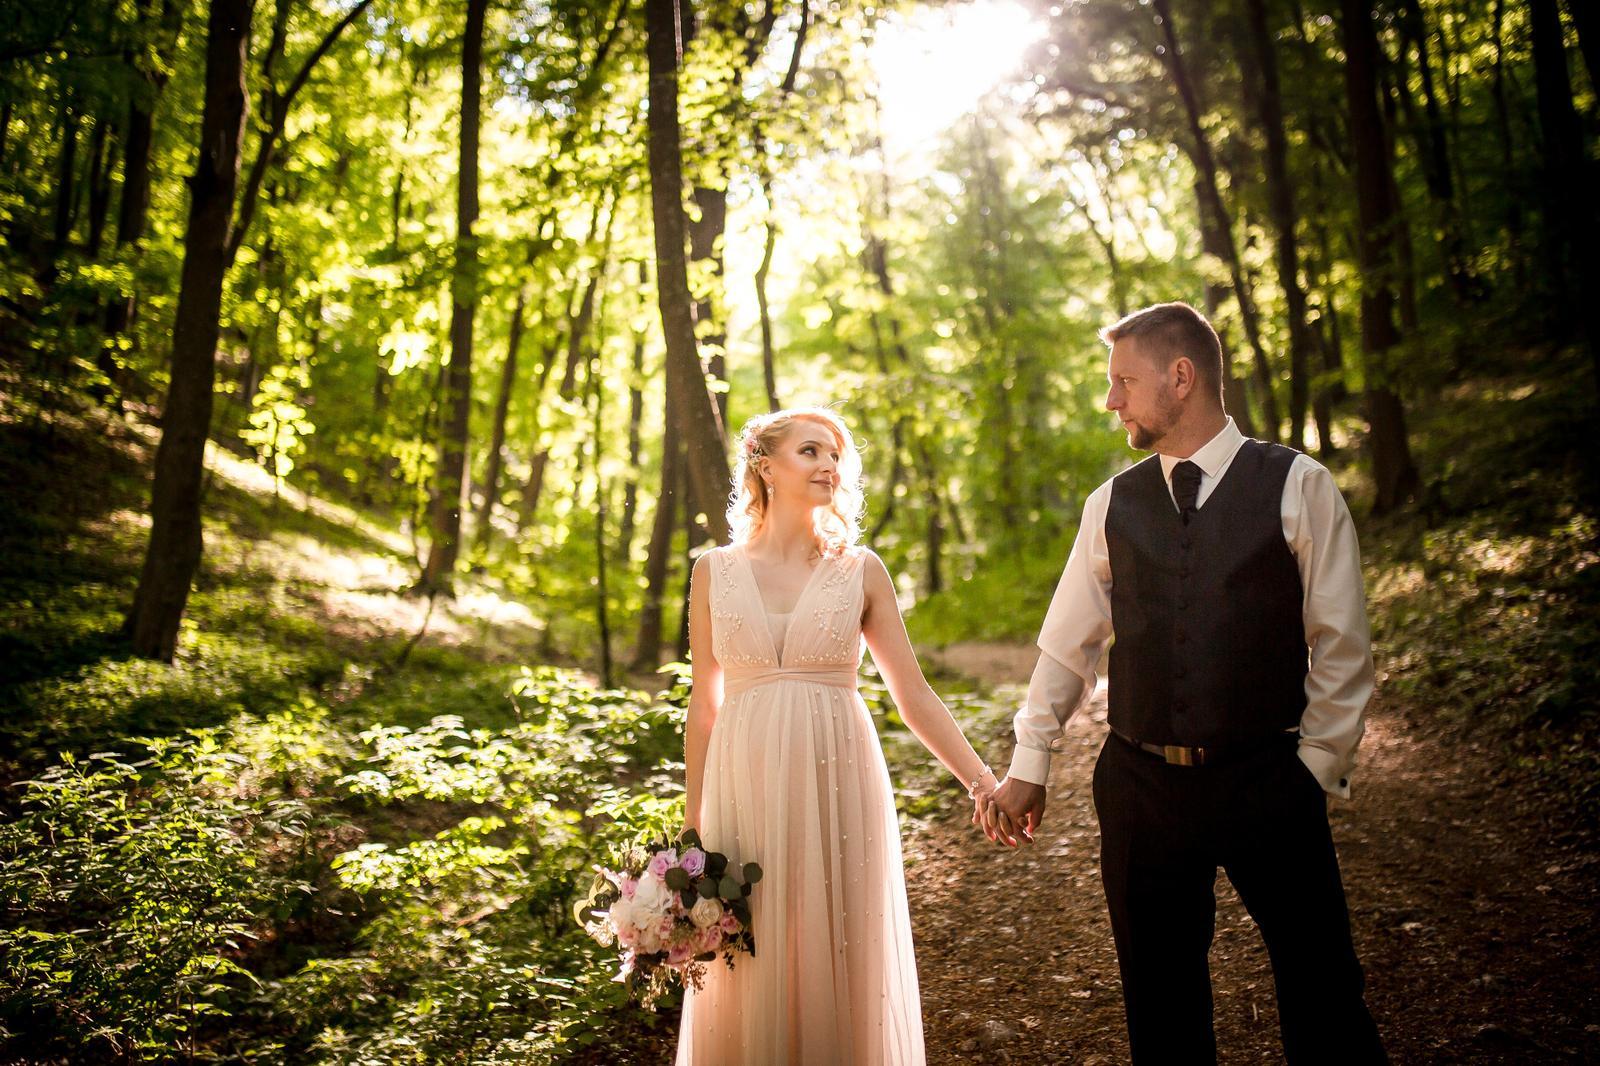 Pre Zuzanu @z.junasova a Martina je prvý máj osudovým dátumom. Počas prvého mája sa odohrali ich zásnuby aj netradičná svadba počas pandémie. A 1. mája 2021 ich čaká aj druhá svadba v plnej paráde. Prečítajte si rozhovor so Zuzkou o tom, ako prebiehala ich svadba a prečo sa ju rozhodli mať aj napriek vírusu a sťaženým podmienkam: https://mojasvadba.zoznam.sk/romanticka-svadba-v-case-pandemie/ - Obrázok č. 1